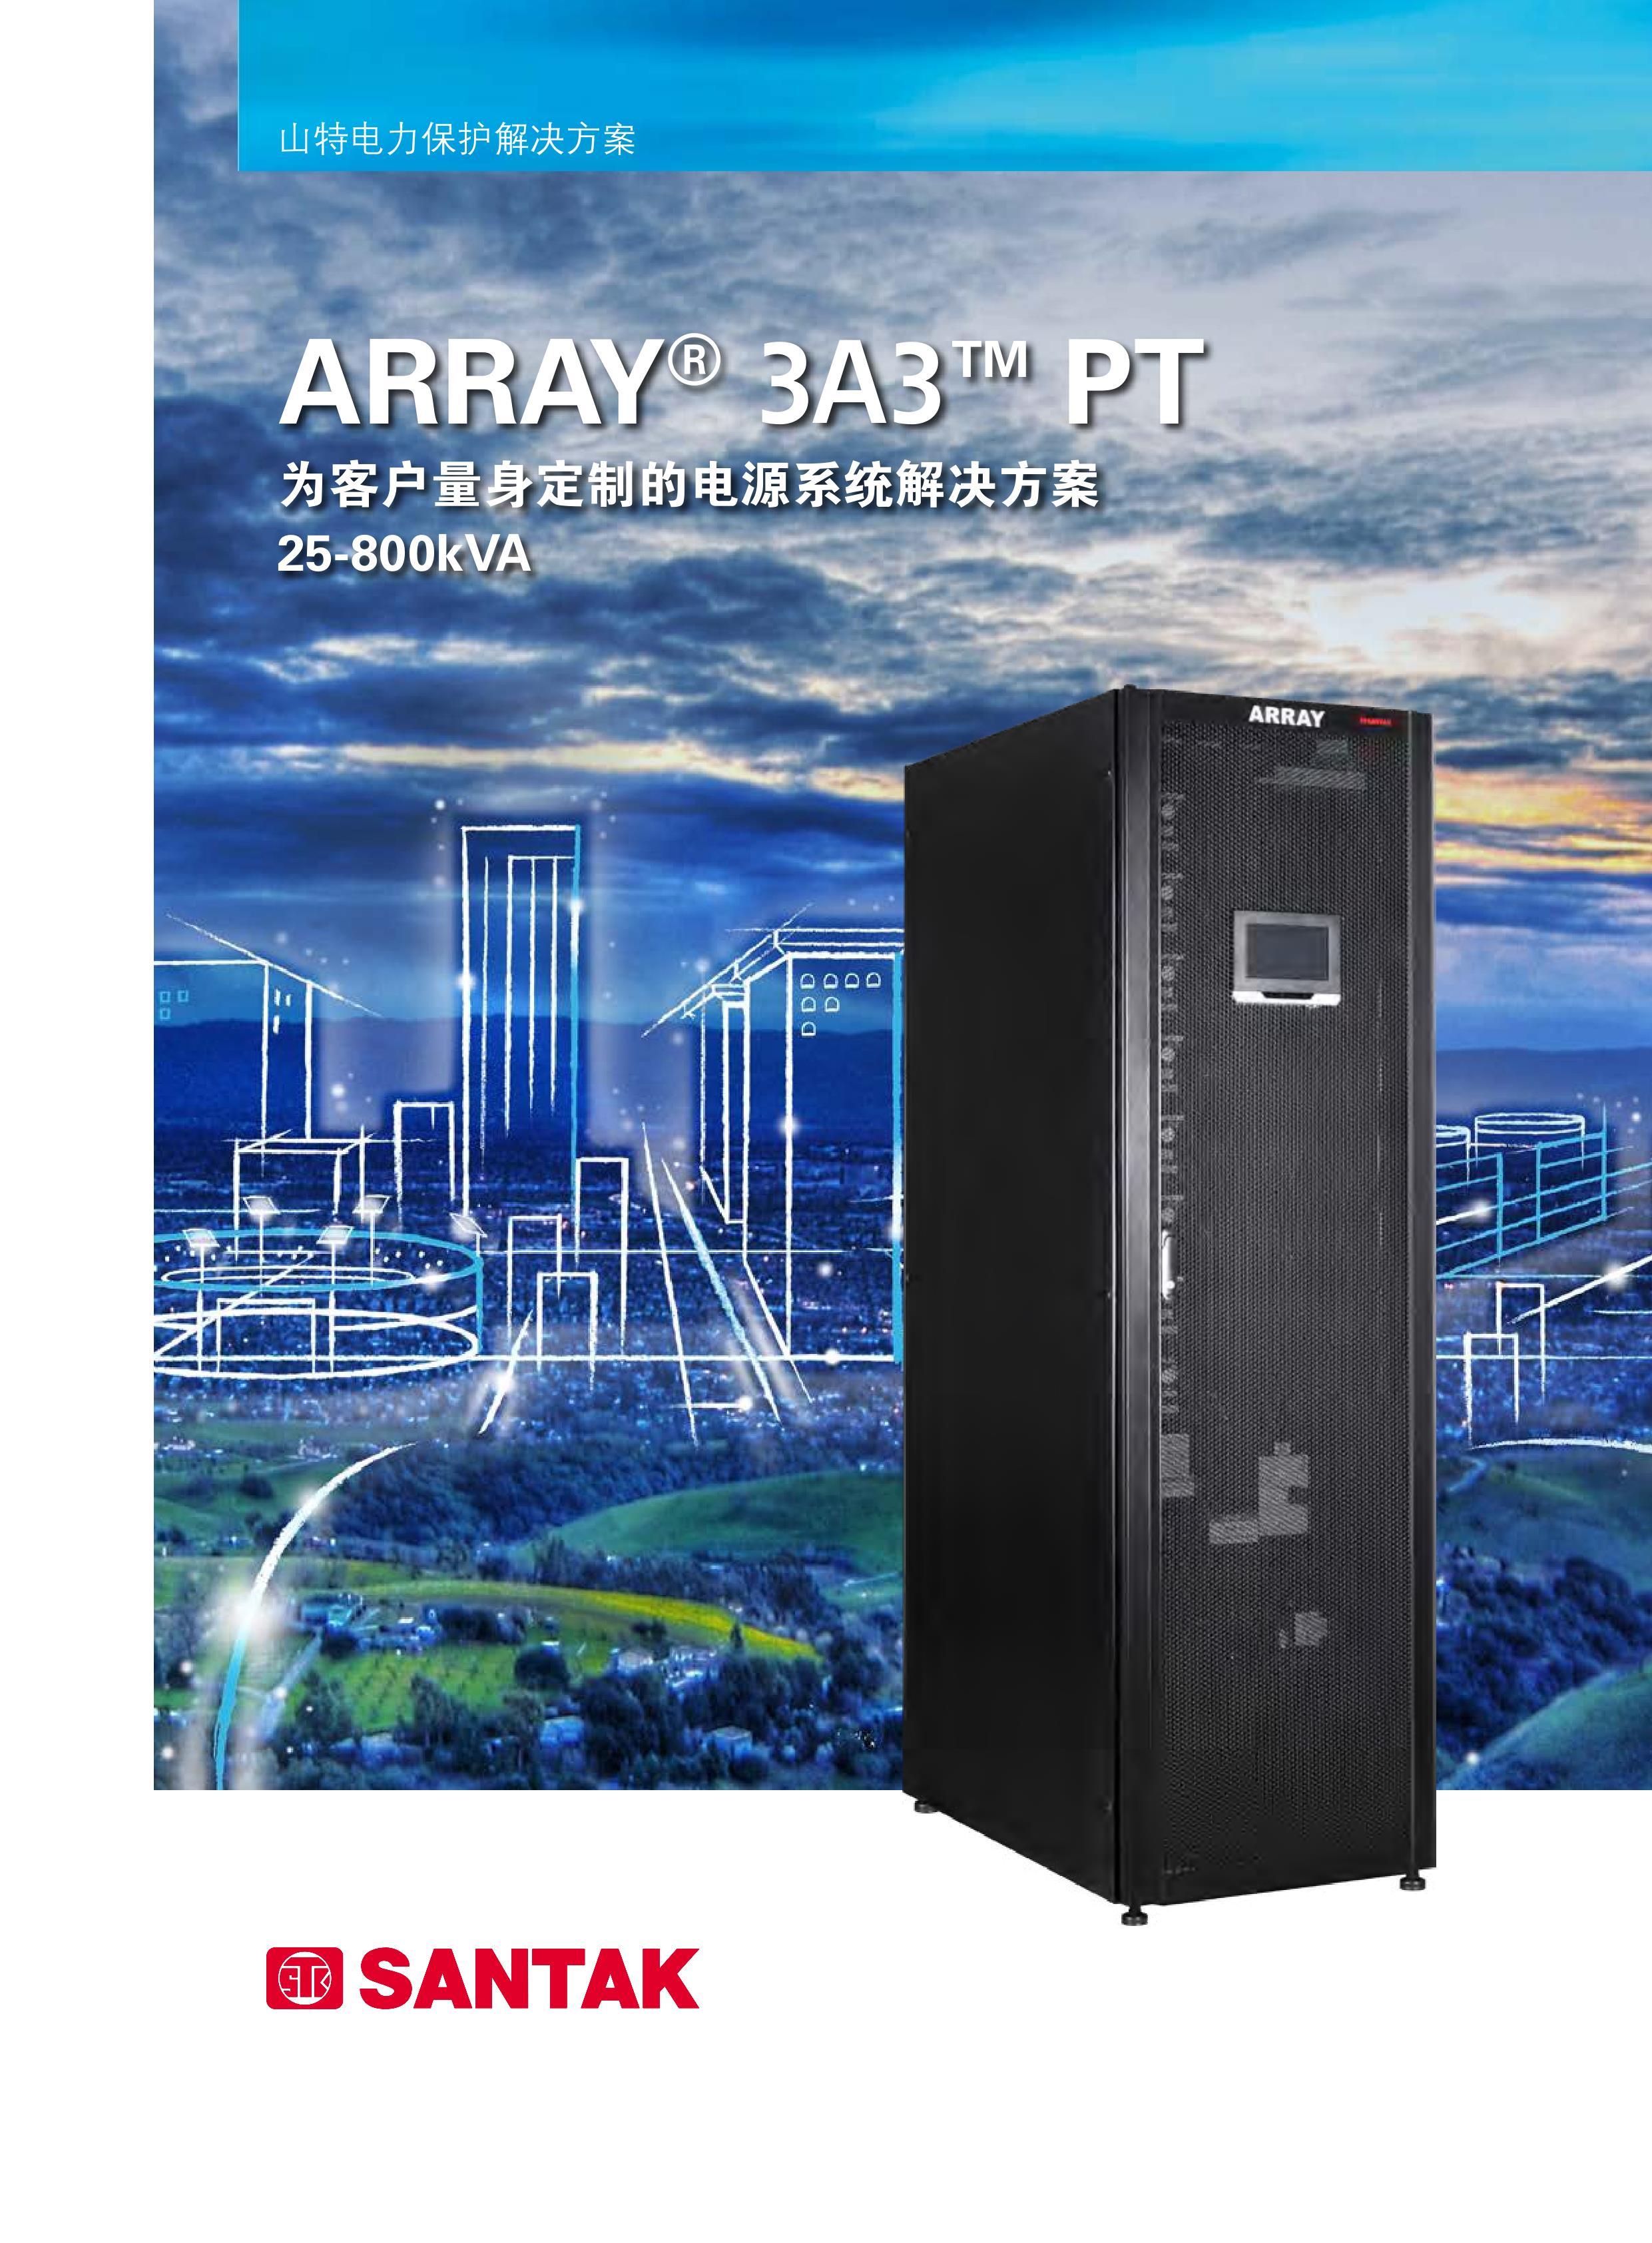 山特ARRAY 3A3 PT系列UPS